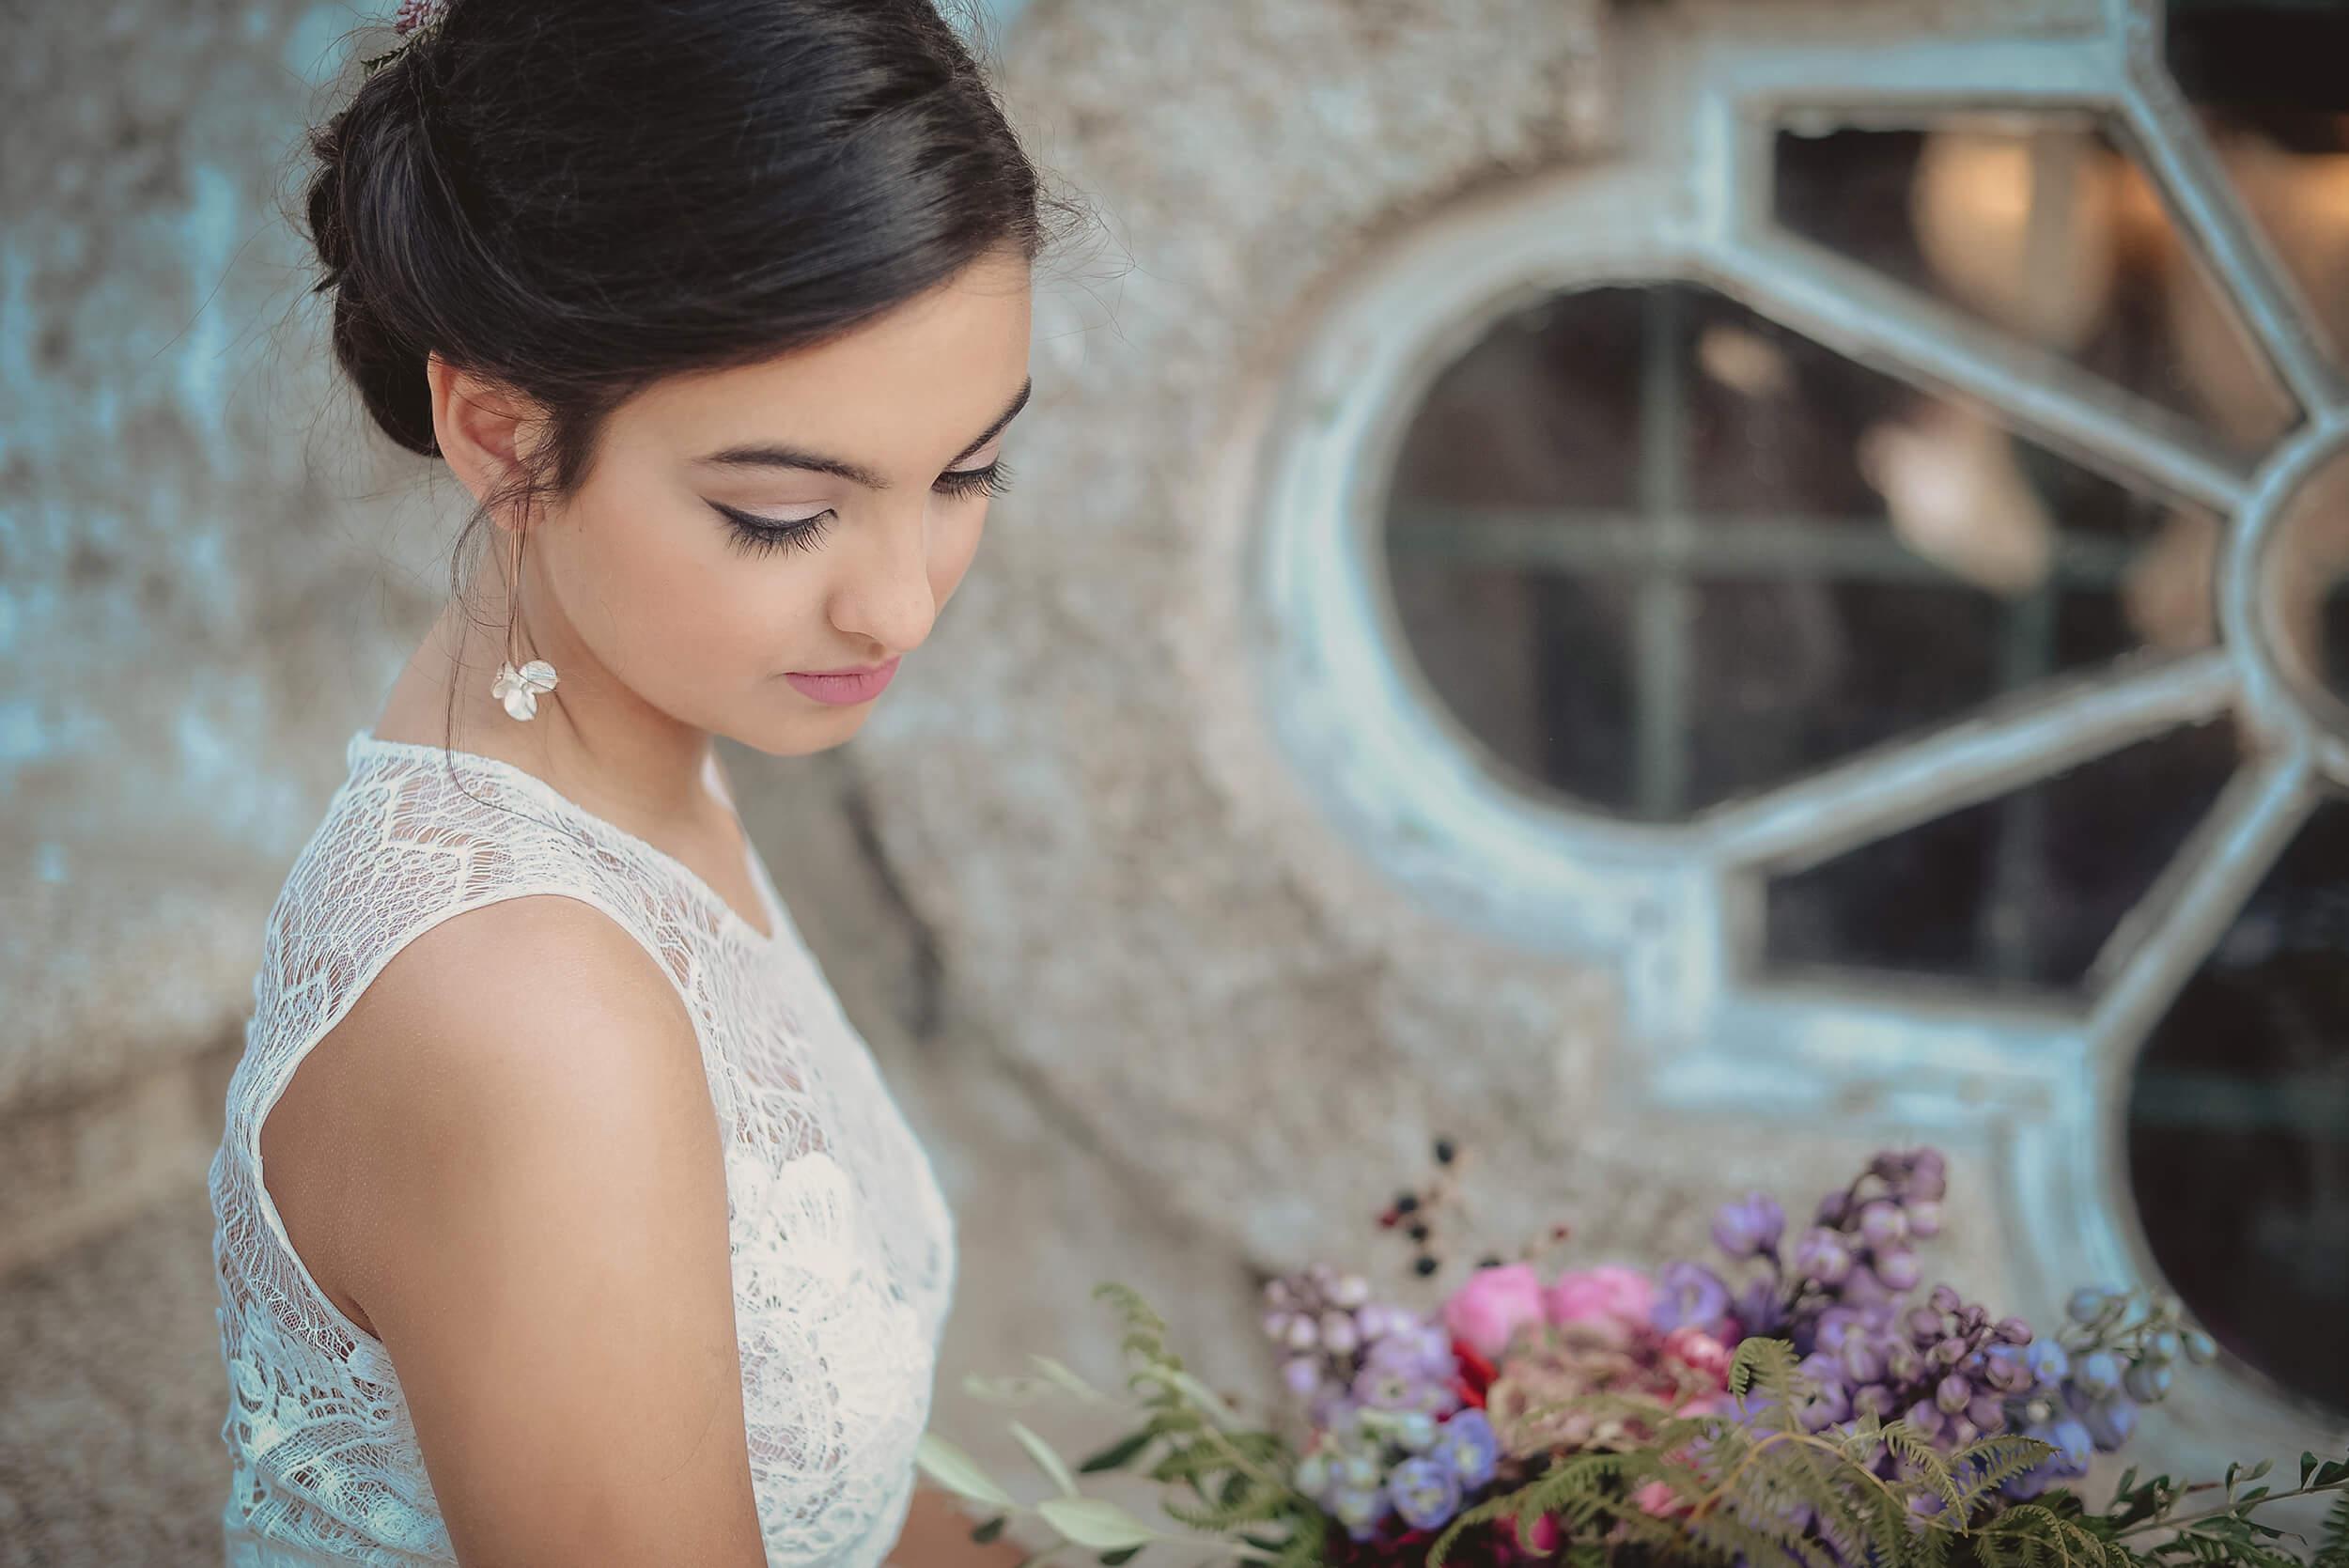 roma-organizacao-eventos-editorial-casamento-colorful-wedding-13